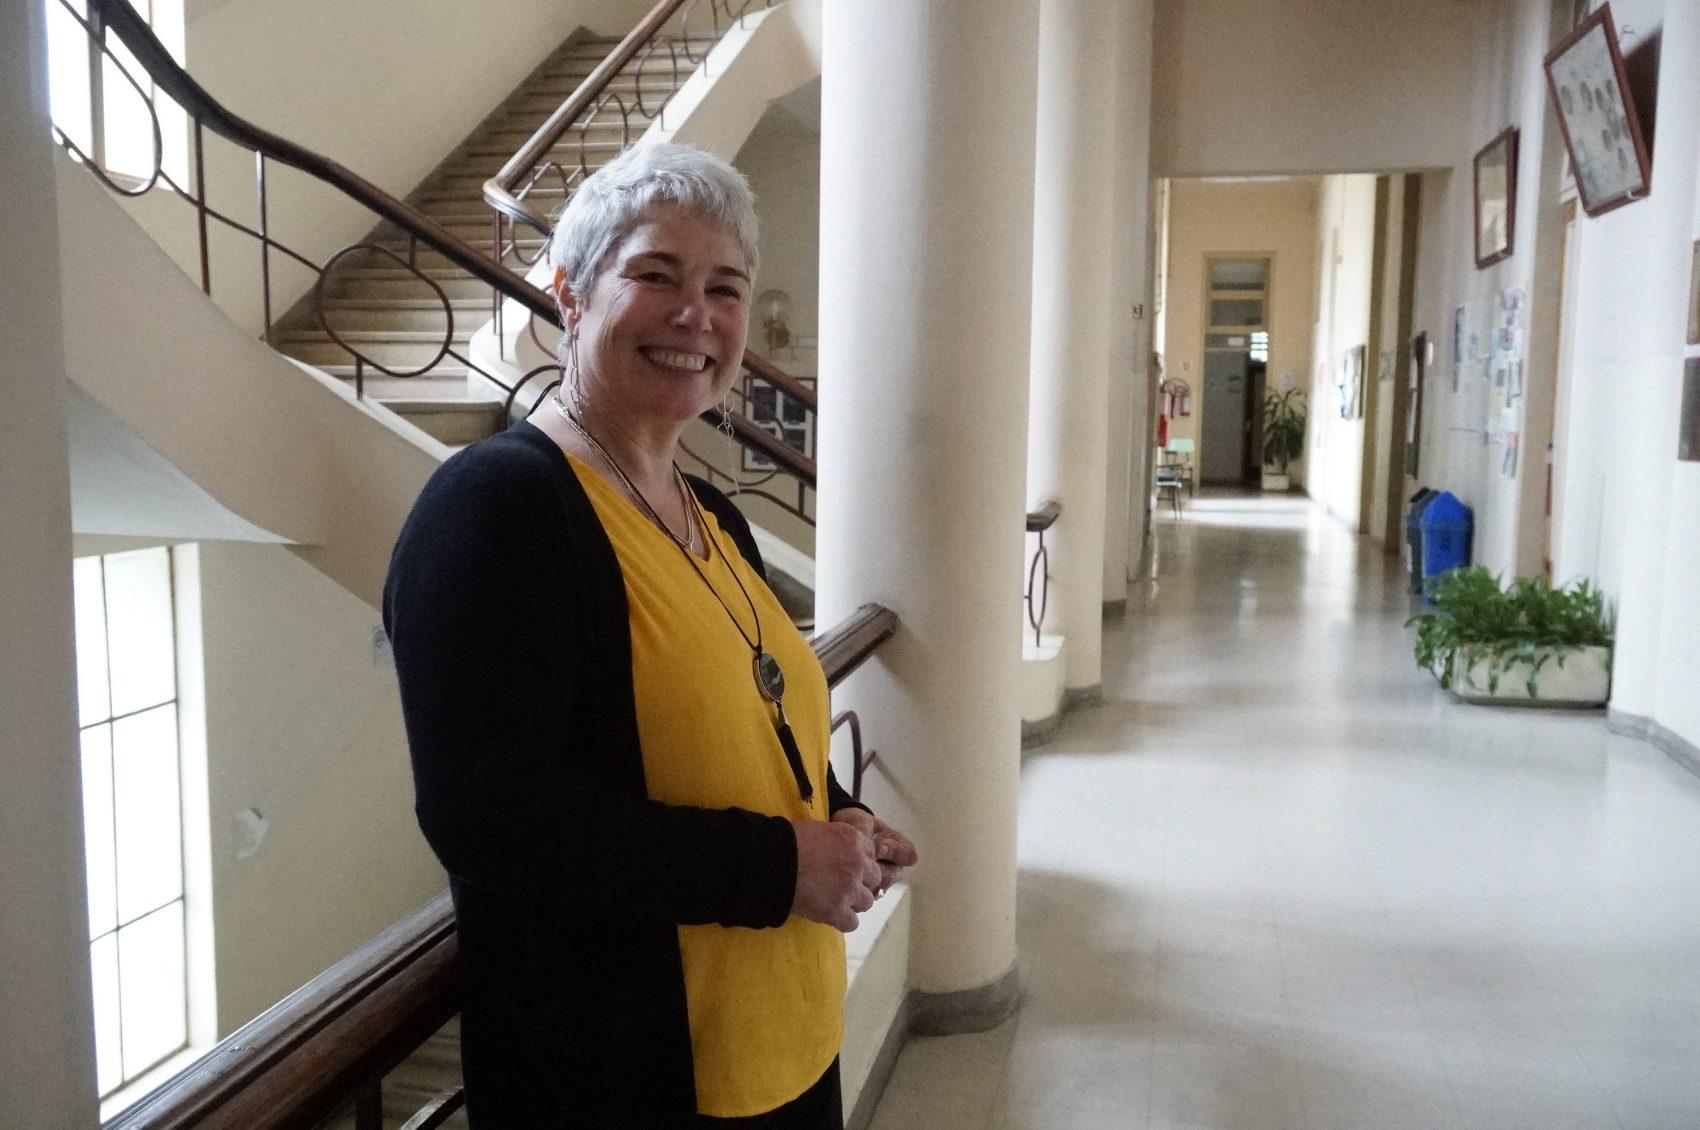 Professora Janice Dornelles de Castro, coordenadora do curso O papel e os desafios da economia feminista no contexto contemporâneo, na Faculdade de Ciências Econômicas (FCE) da Ufrgs